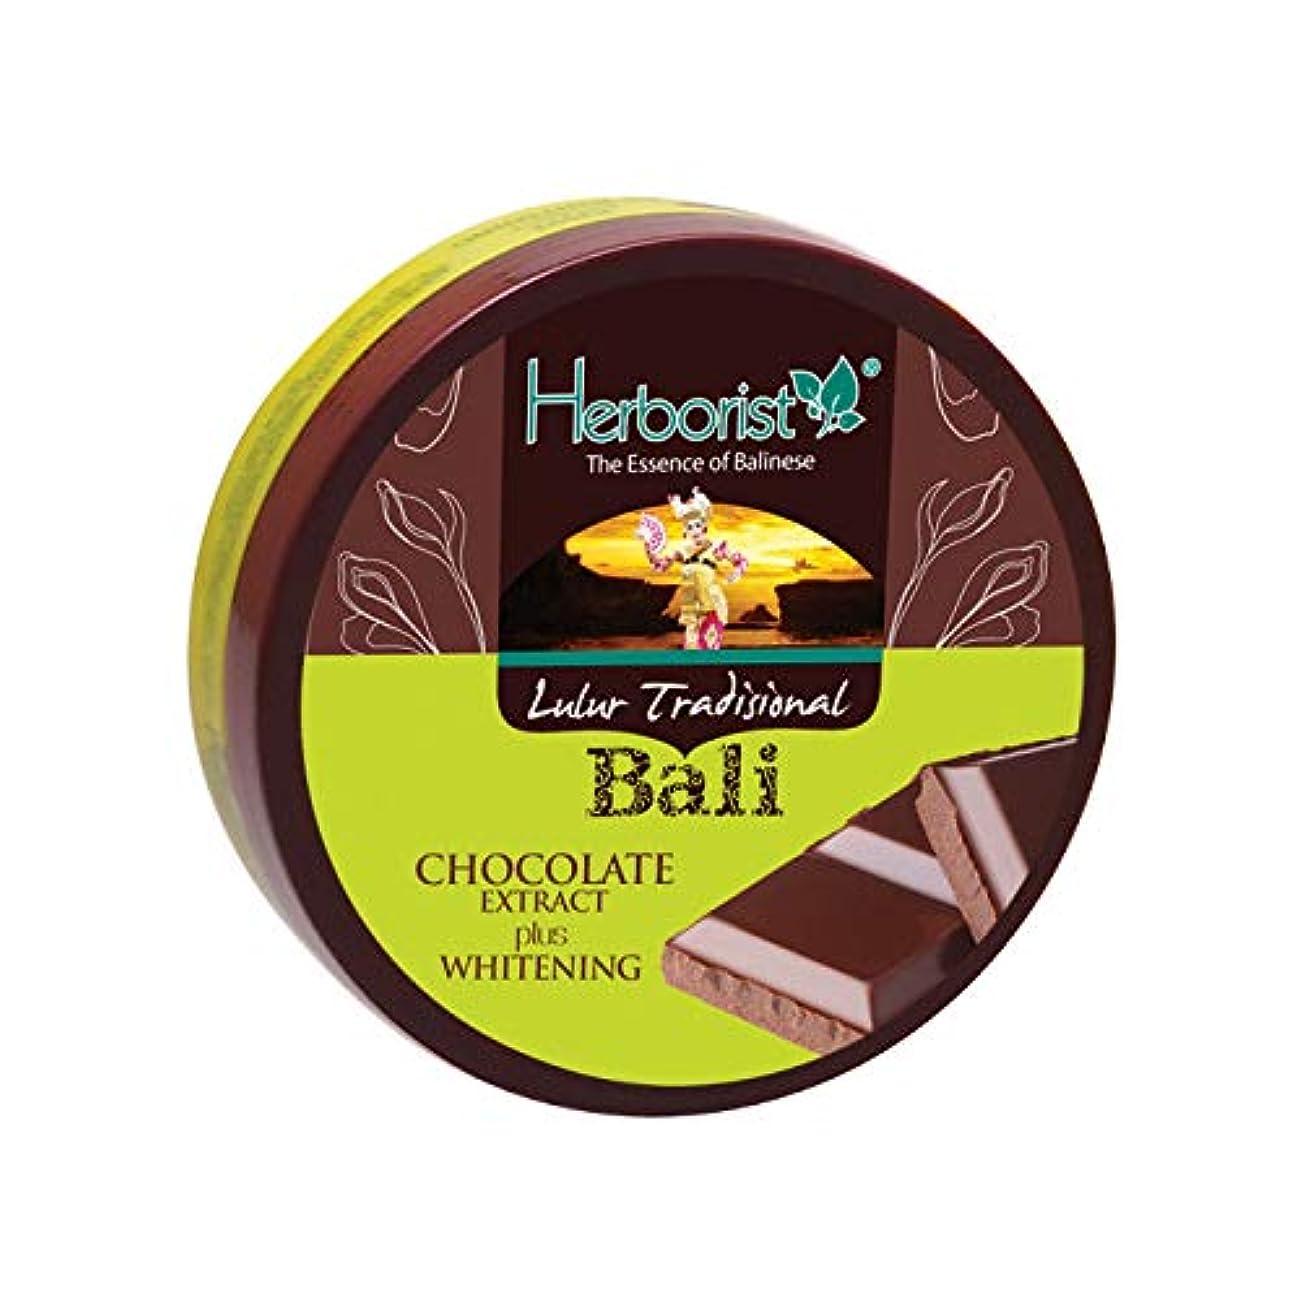 プレフィックスチーズ風変わりなHerborist ハーボリスト インドネシアバリ島の伝統的なボディスクラブ Lulur Tradisional Bali ルルールトラディショナルバリ 100g Chocolate チョコレート [海外直送品]